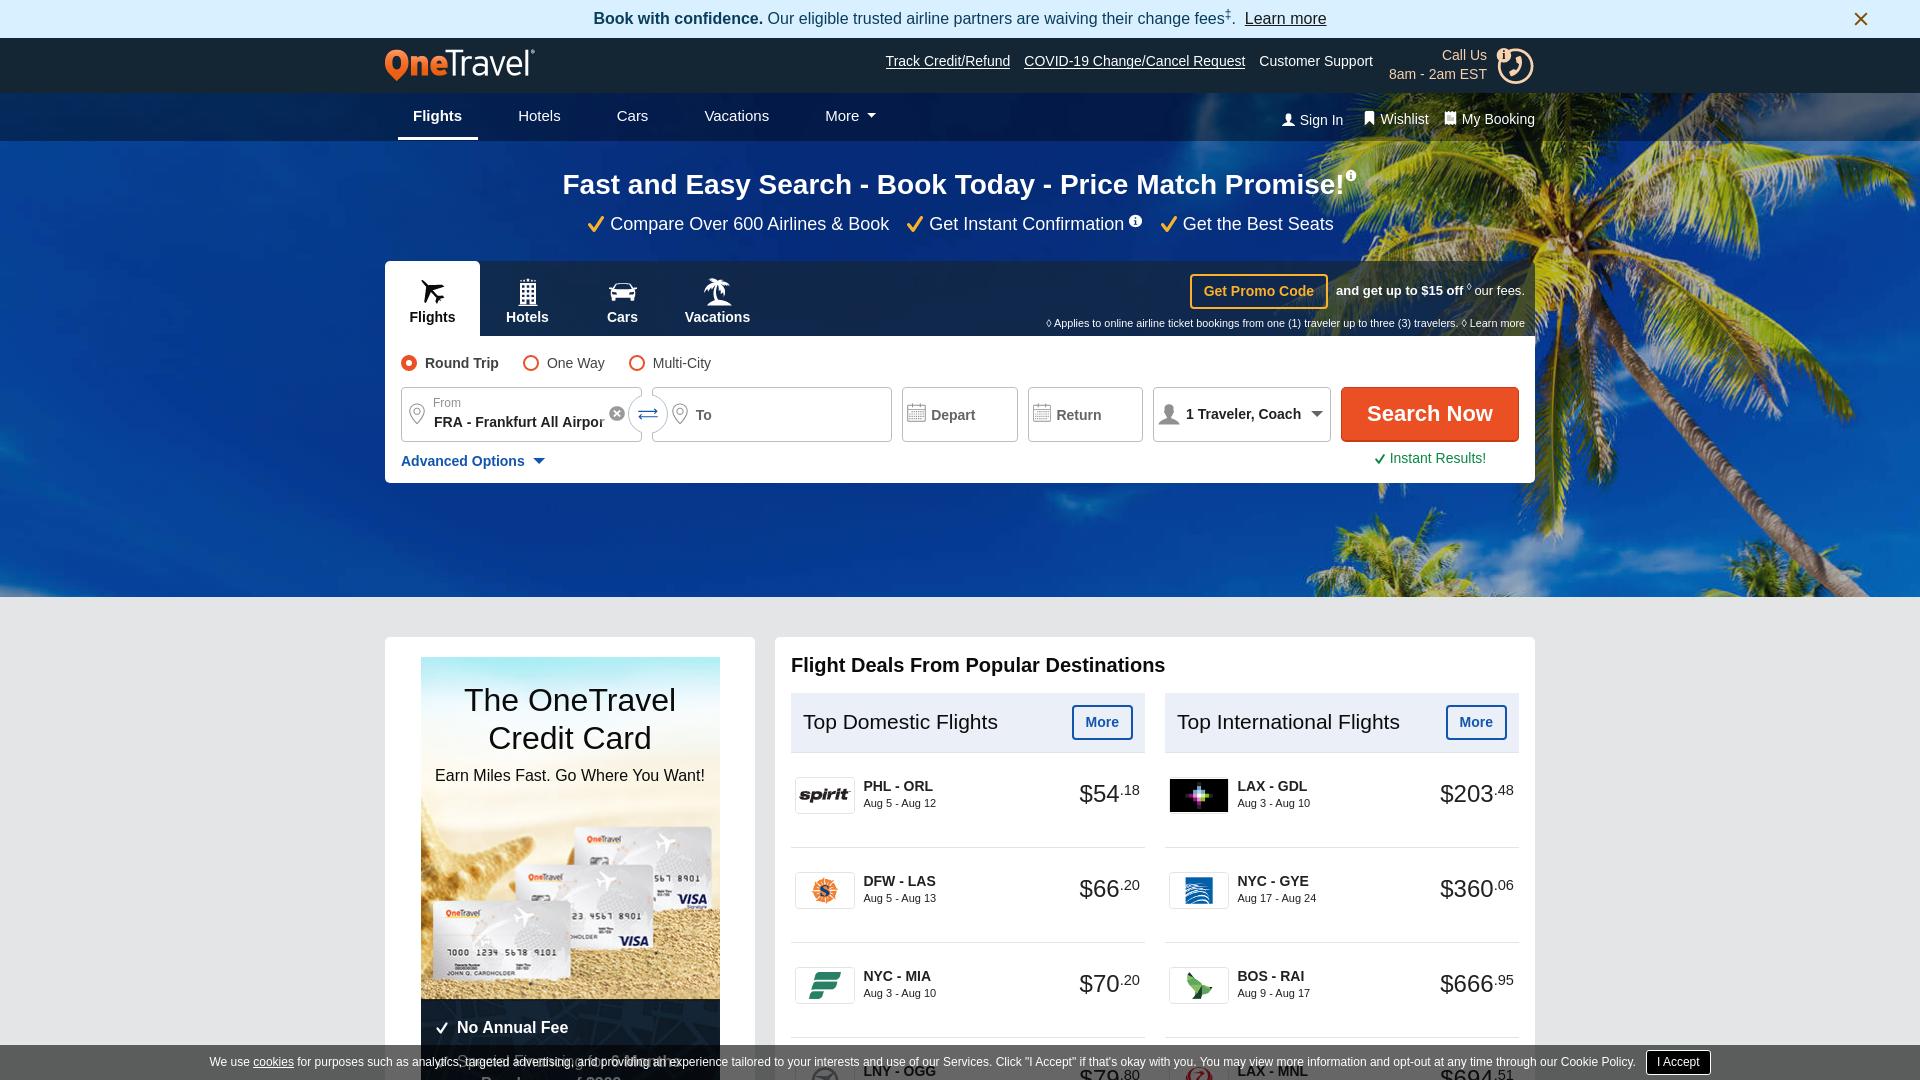 OneTravel.com website